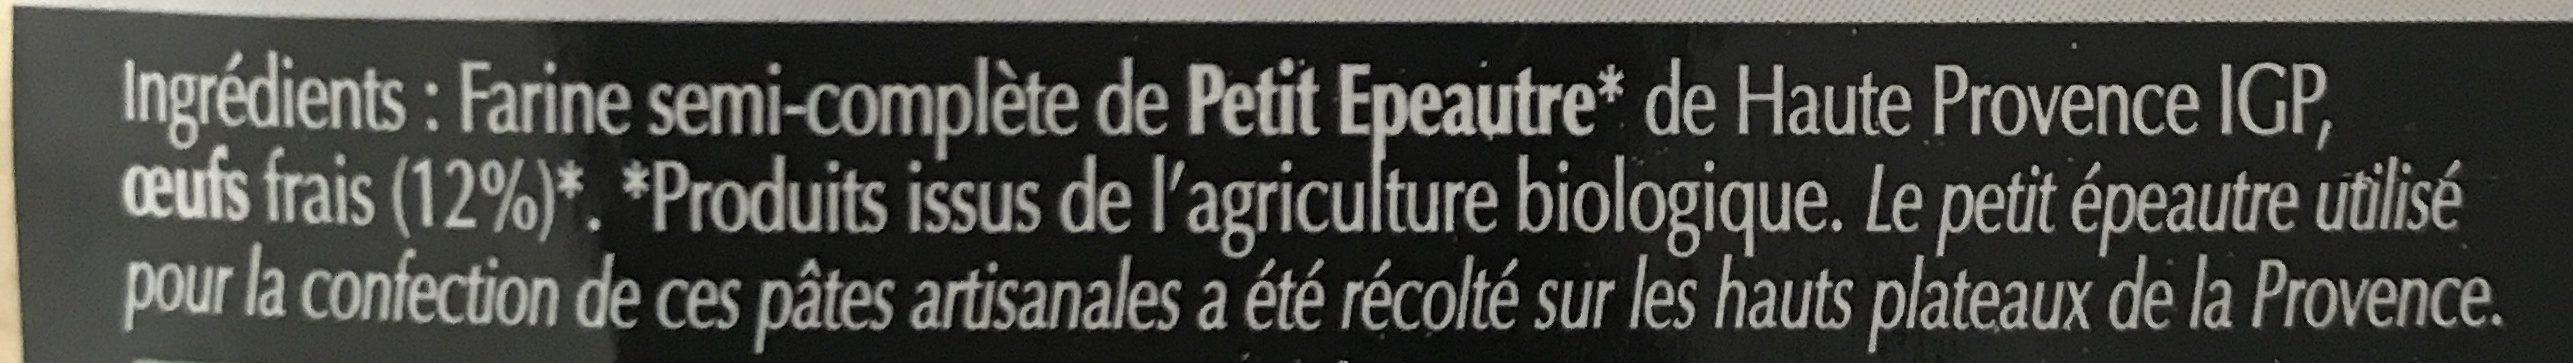 Tagliatelles de petit epeautre aux oeufs - Ingredients